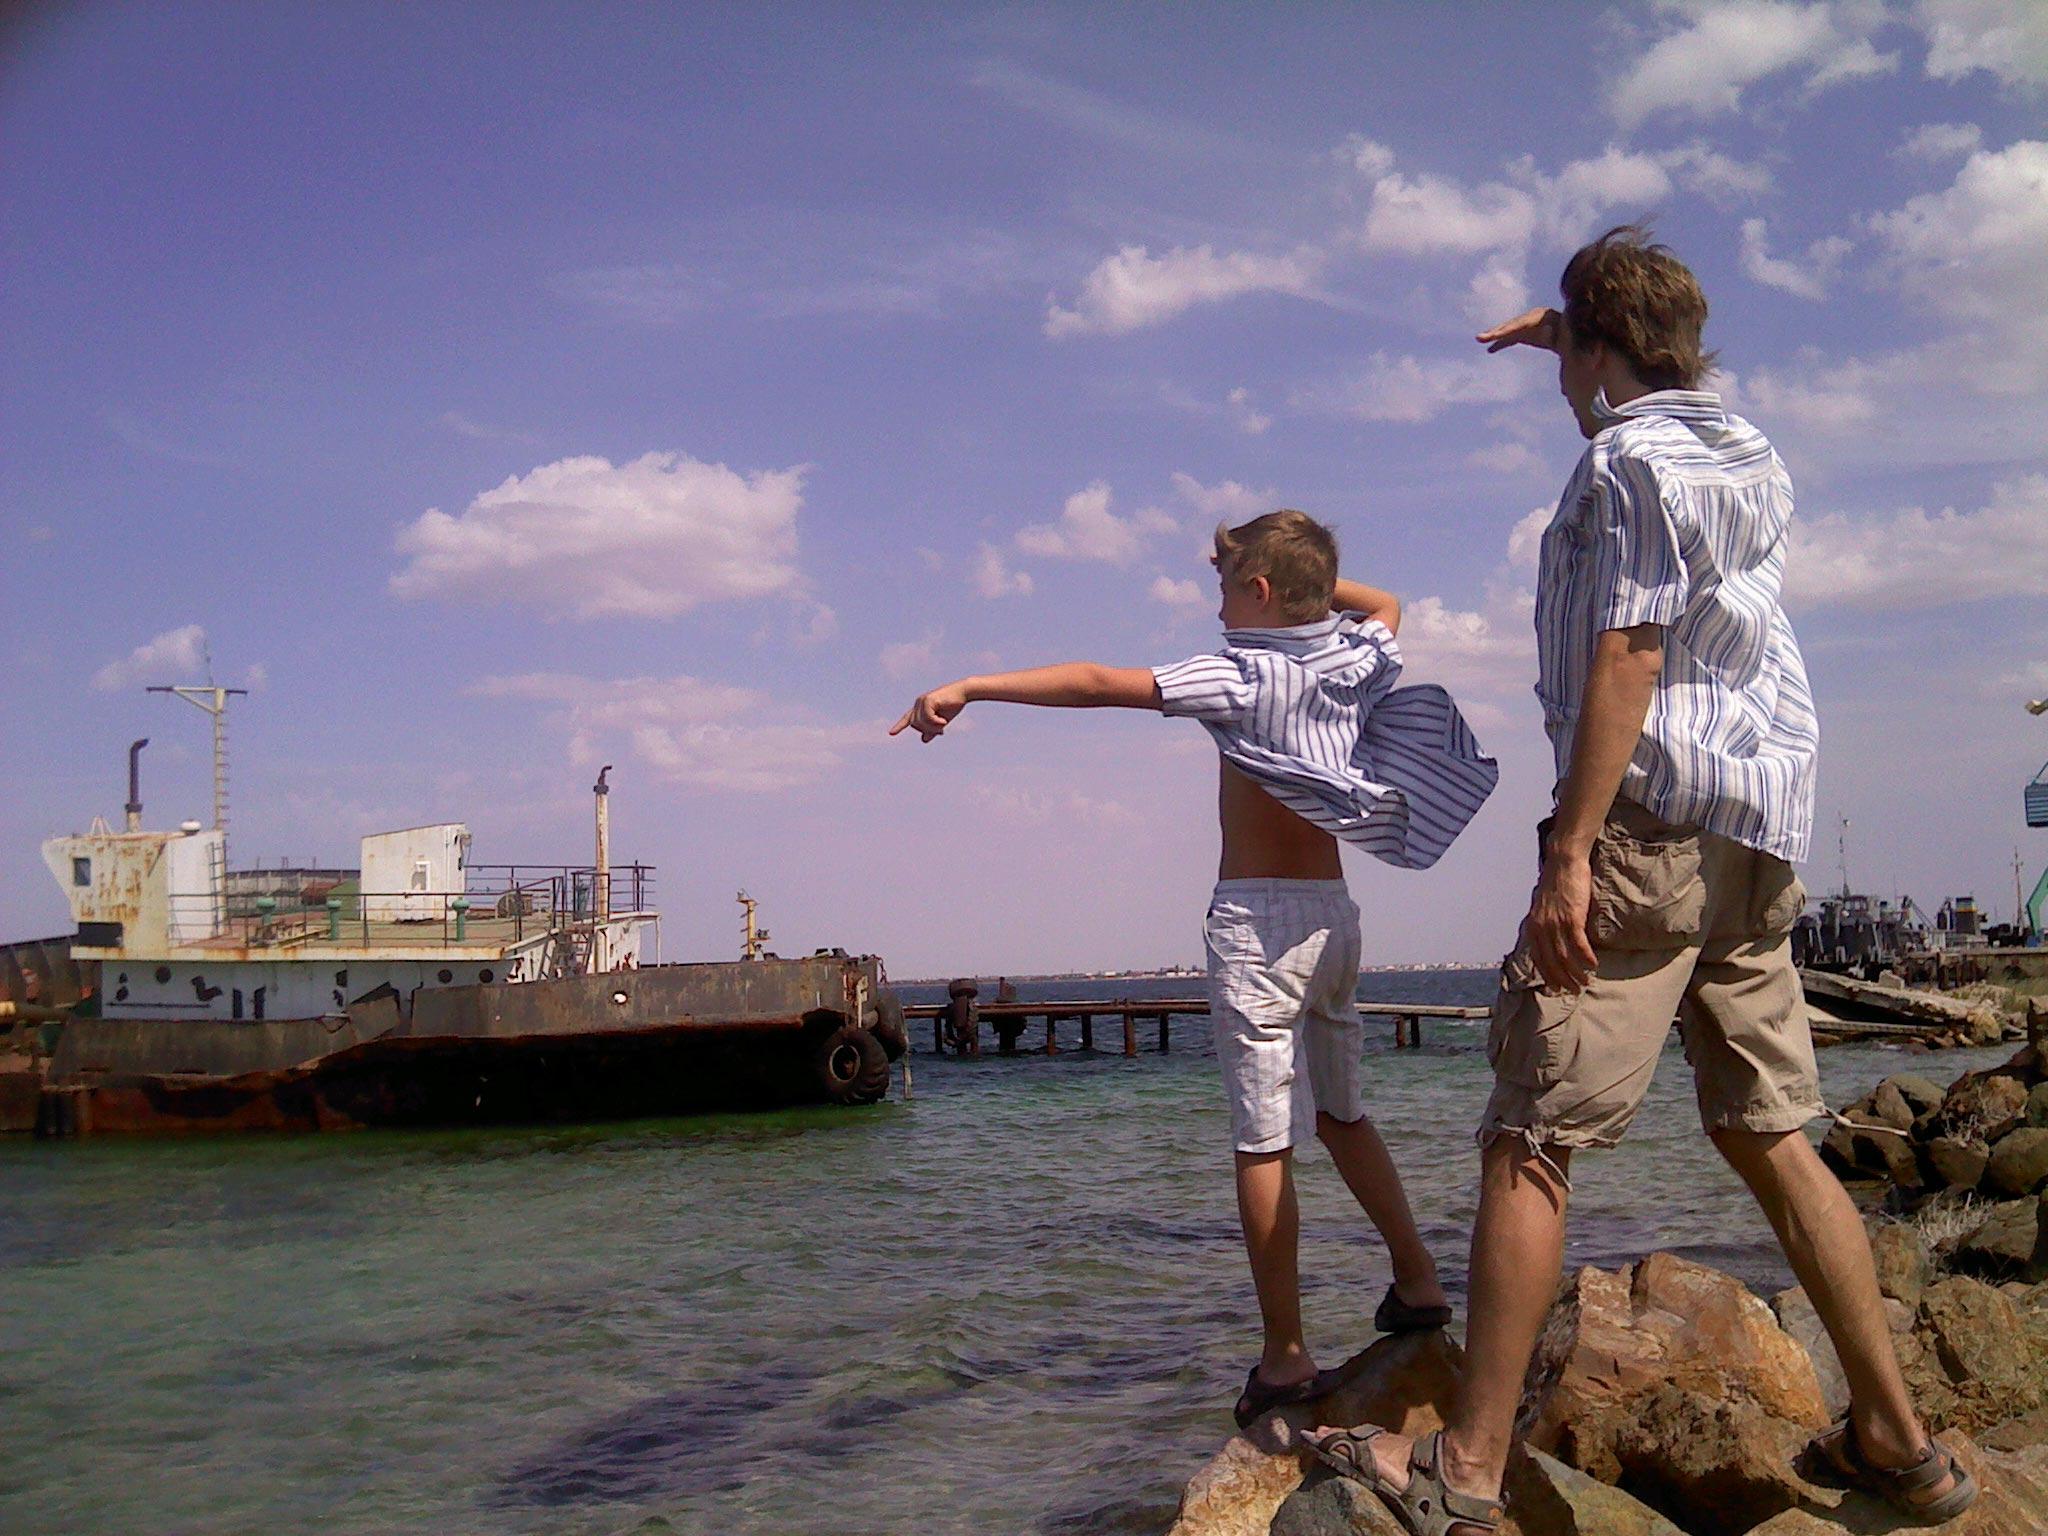 следующим летом поедем на тот берег.... По морям, по волнам...